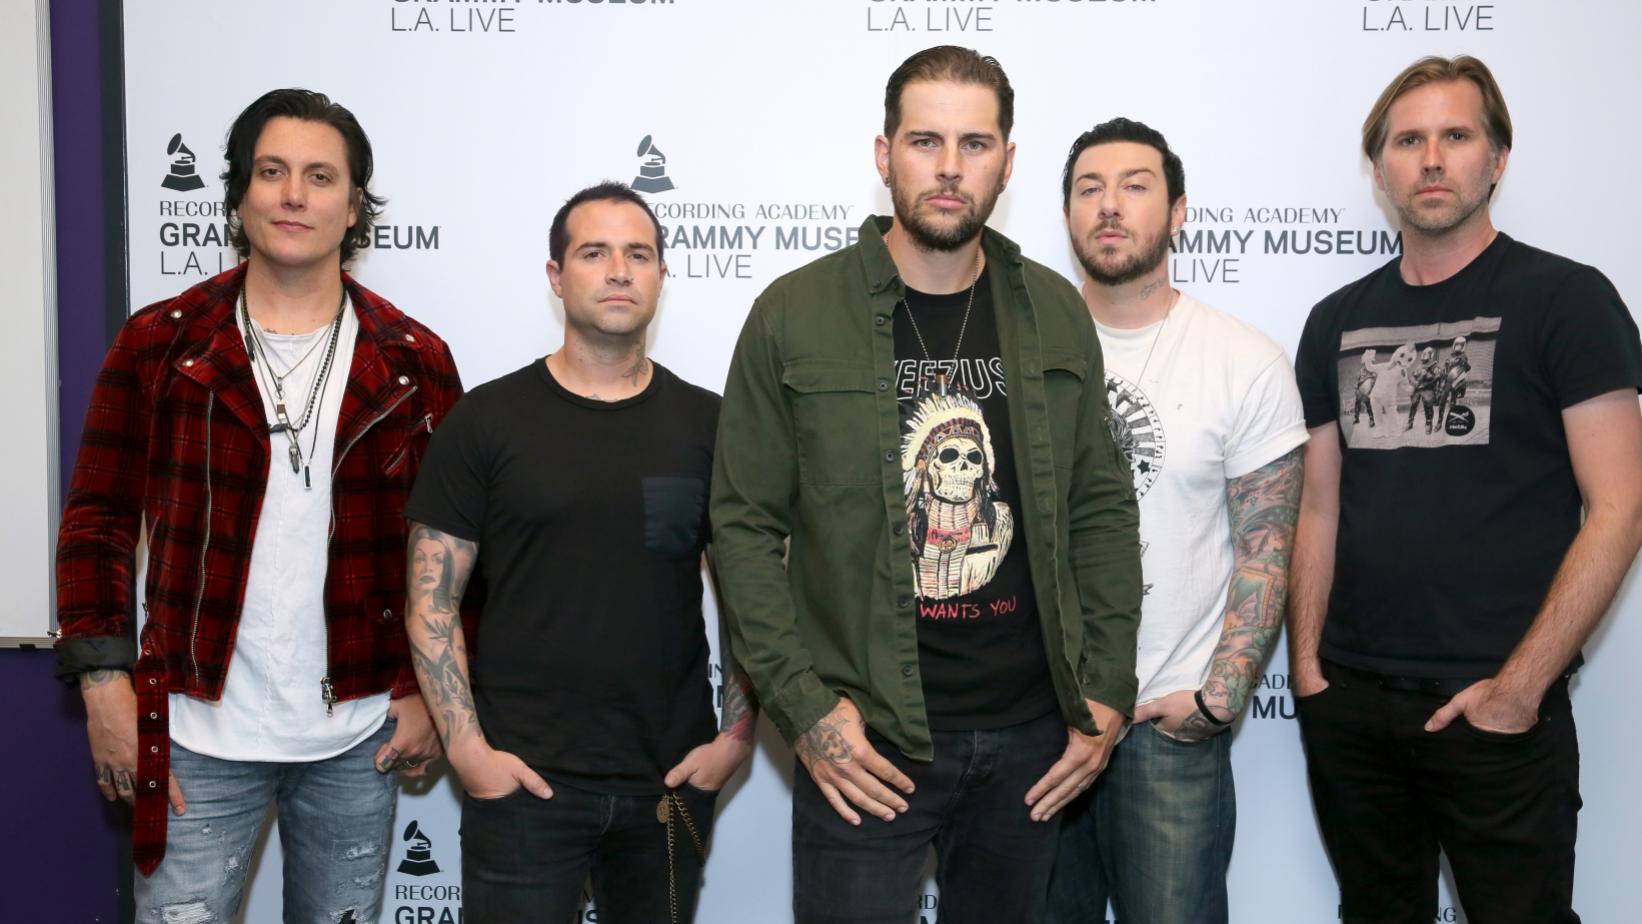 Ünlü Rock Grubu Avenged Sevenfold, NFT'ler İçin Uzun Vadeli Planları Olduğunu Açıkladı